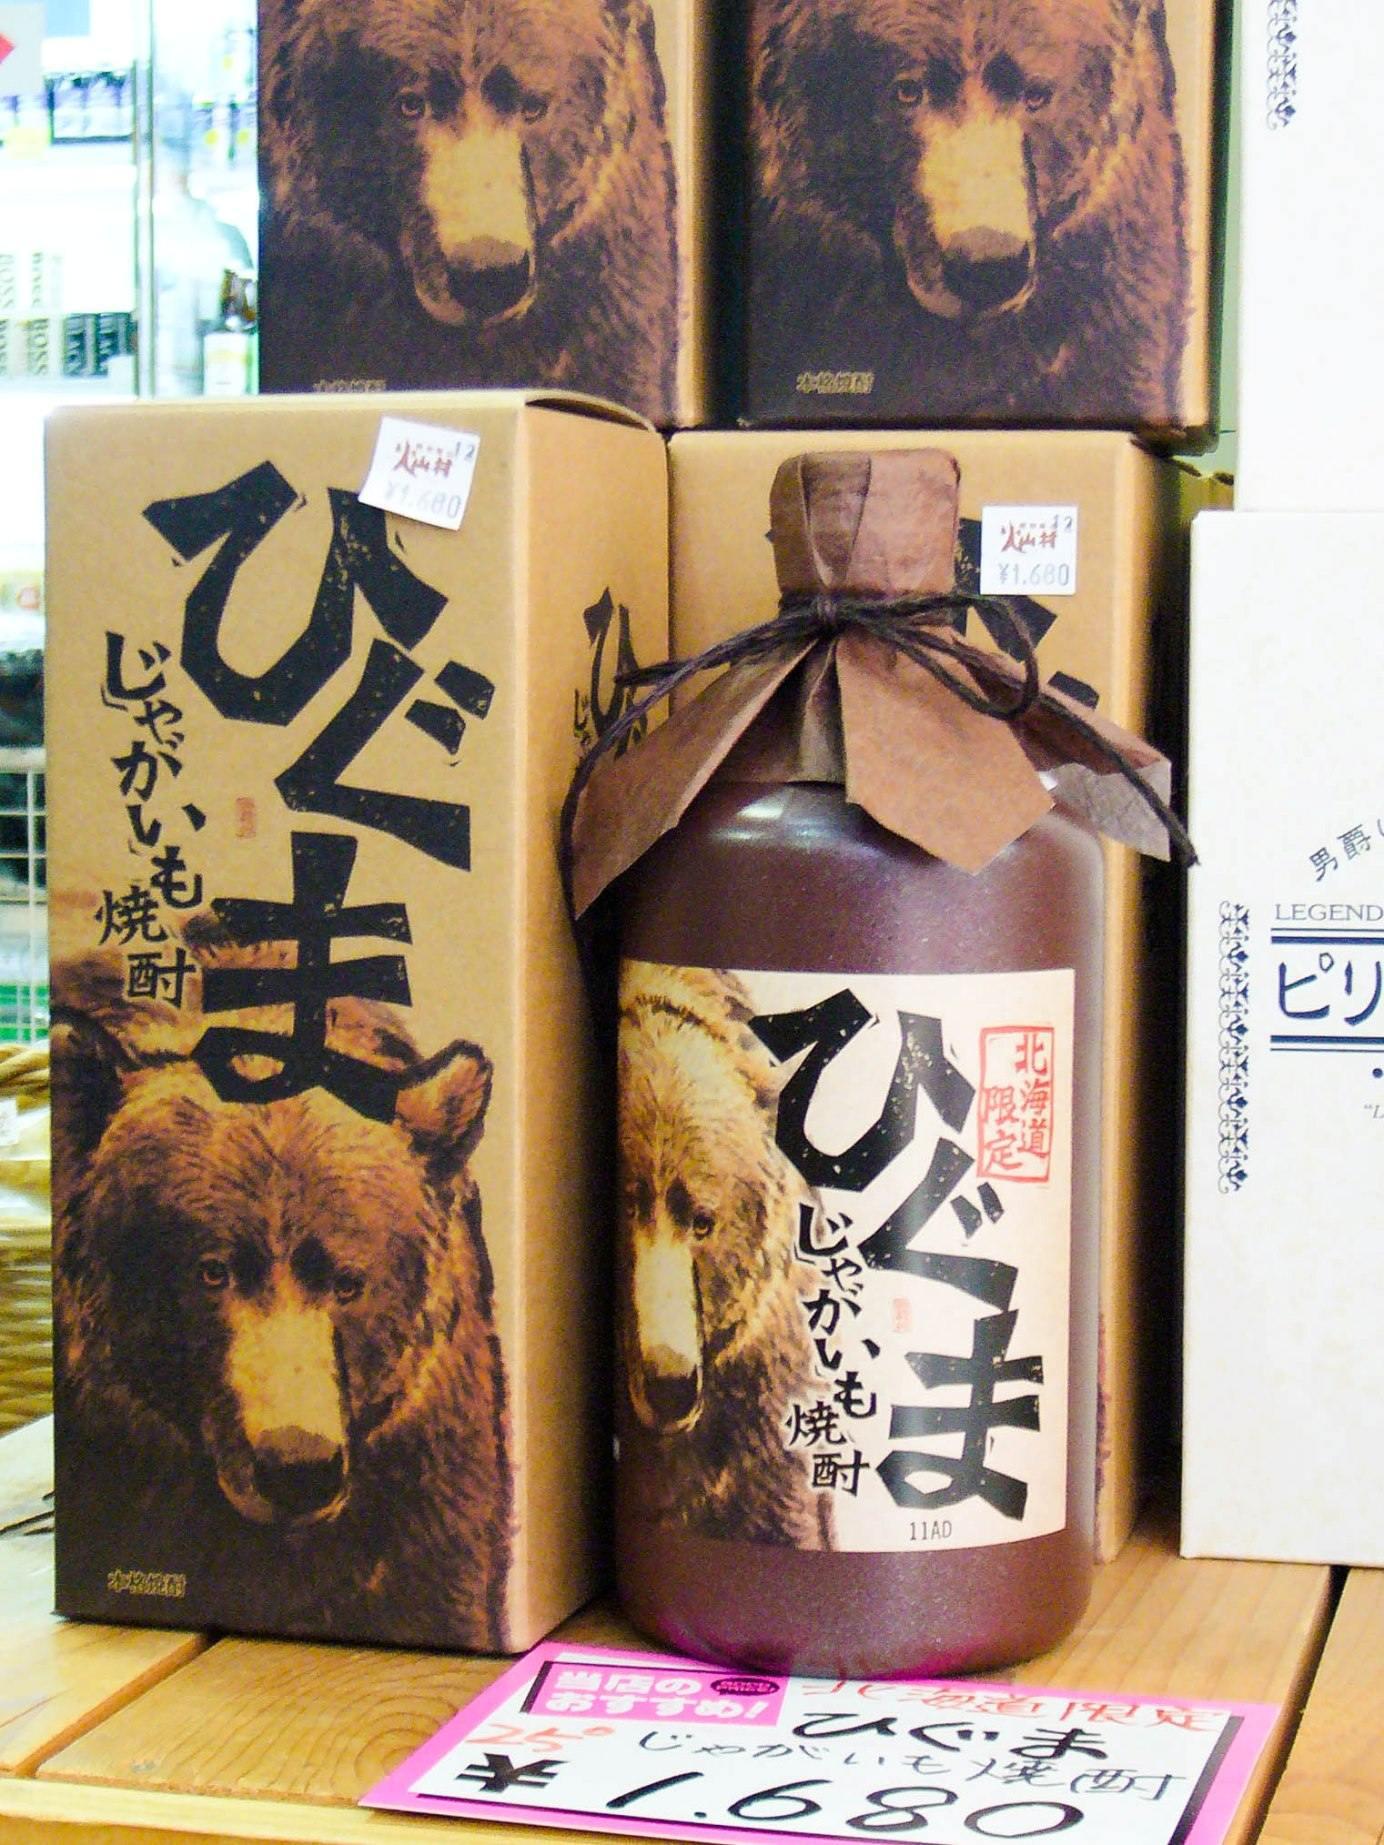 Határozottan nem a szakéért, még akkor sem ha medvés üvegben kelleti magát.